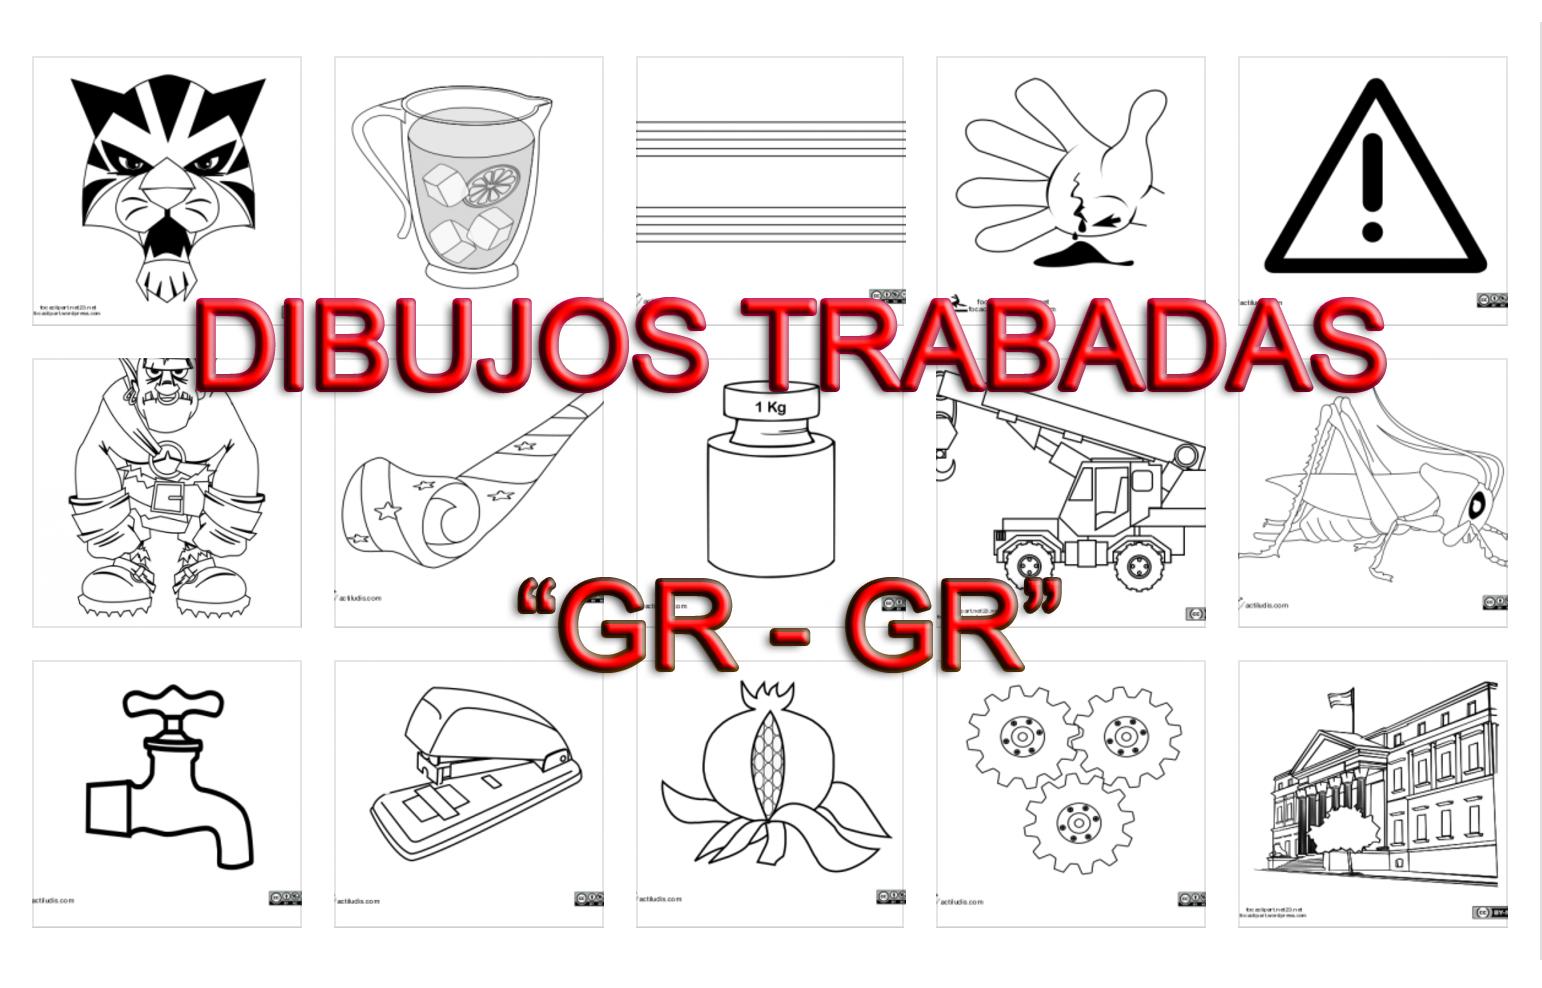 Dibujos Con La Trabada Br: Trabadas Gr